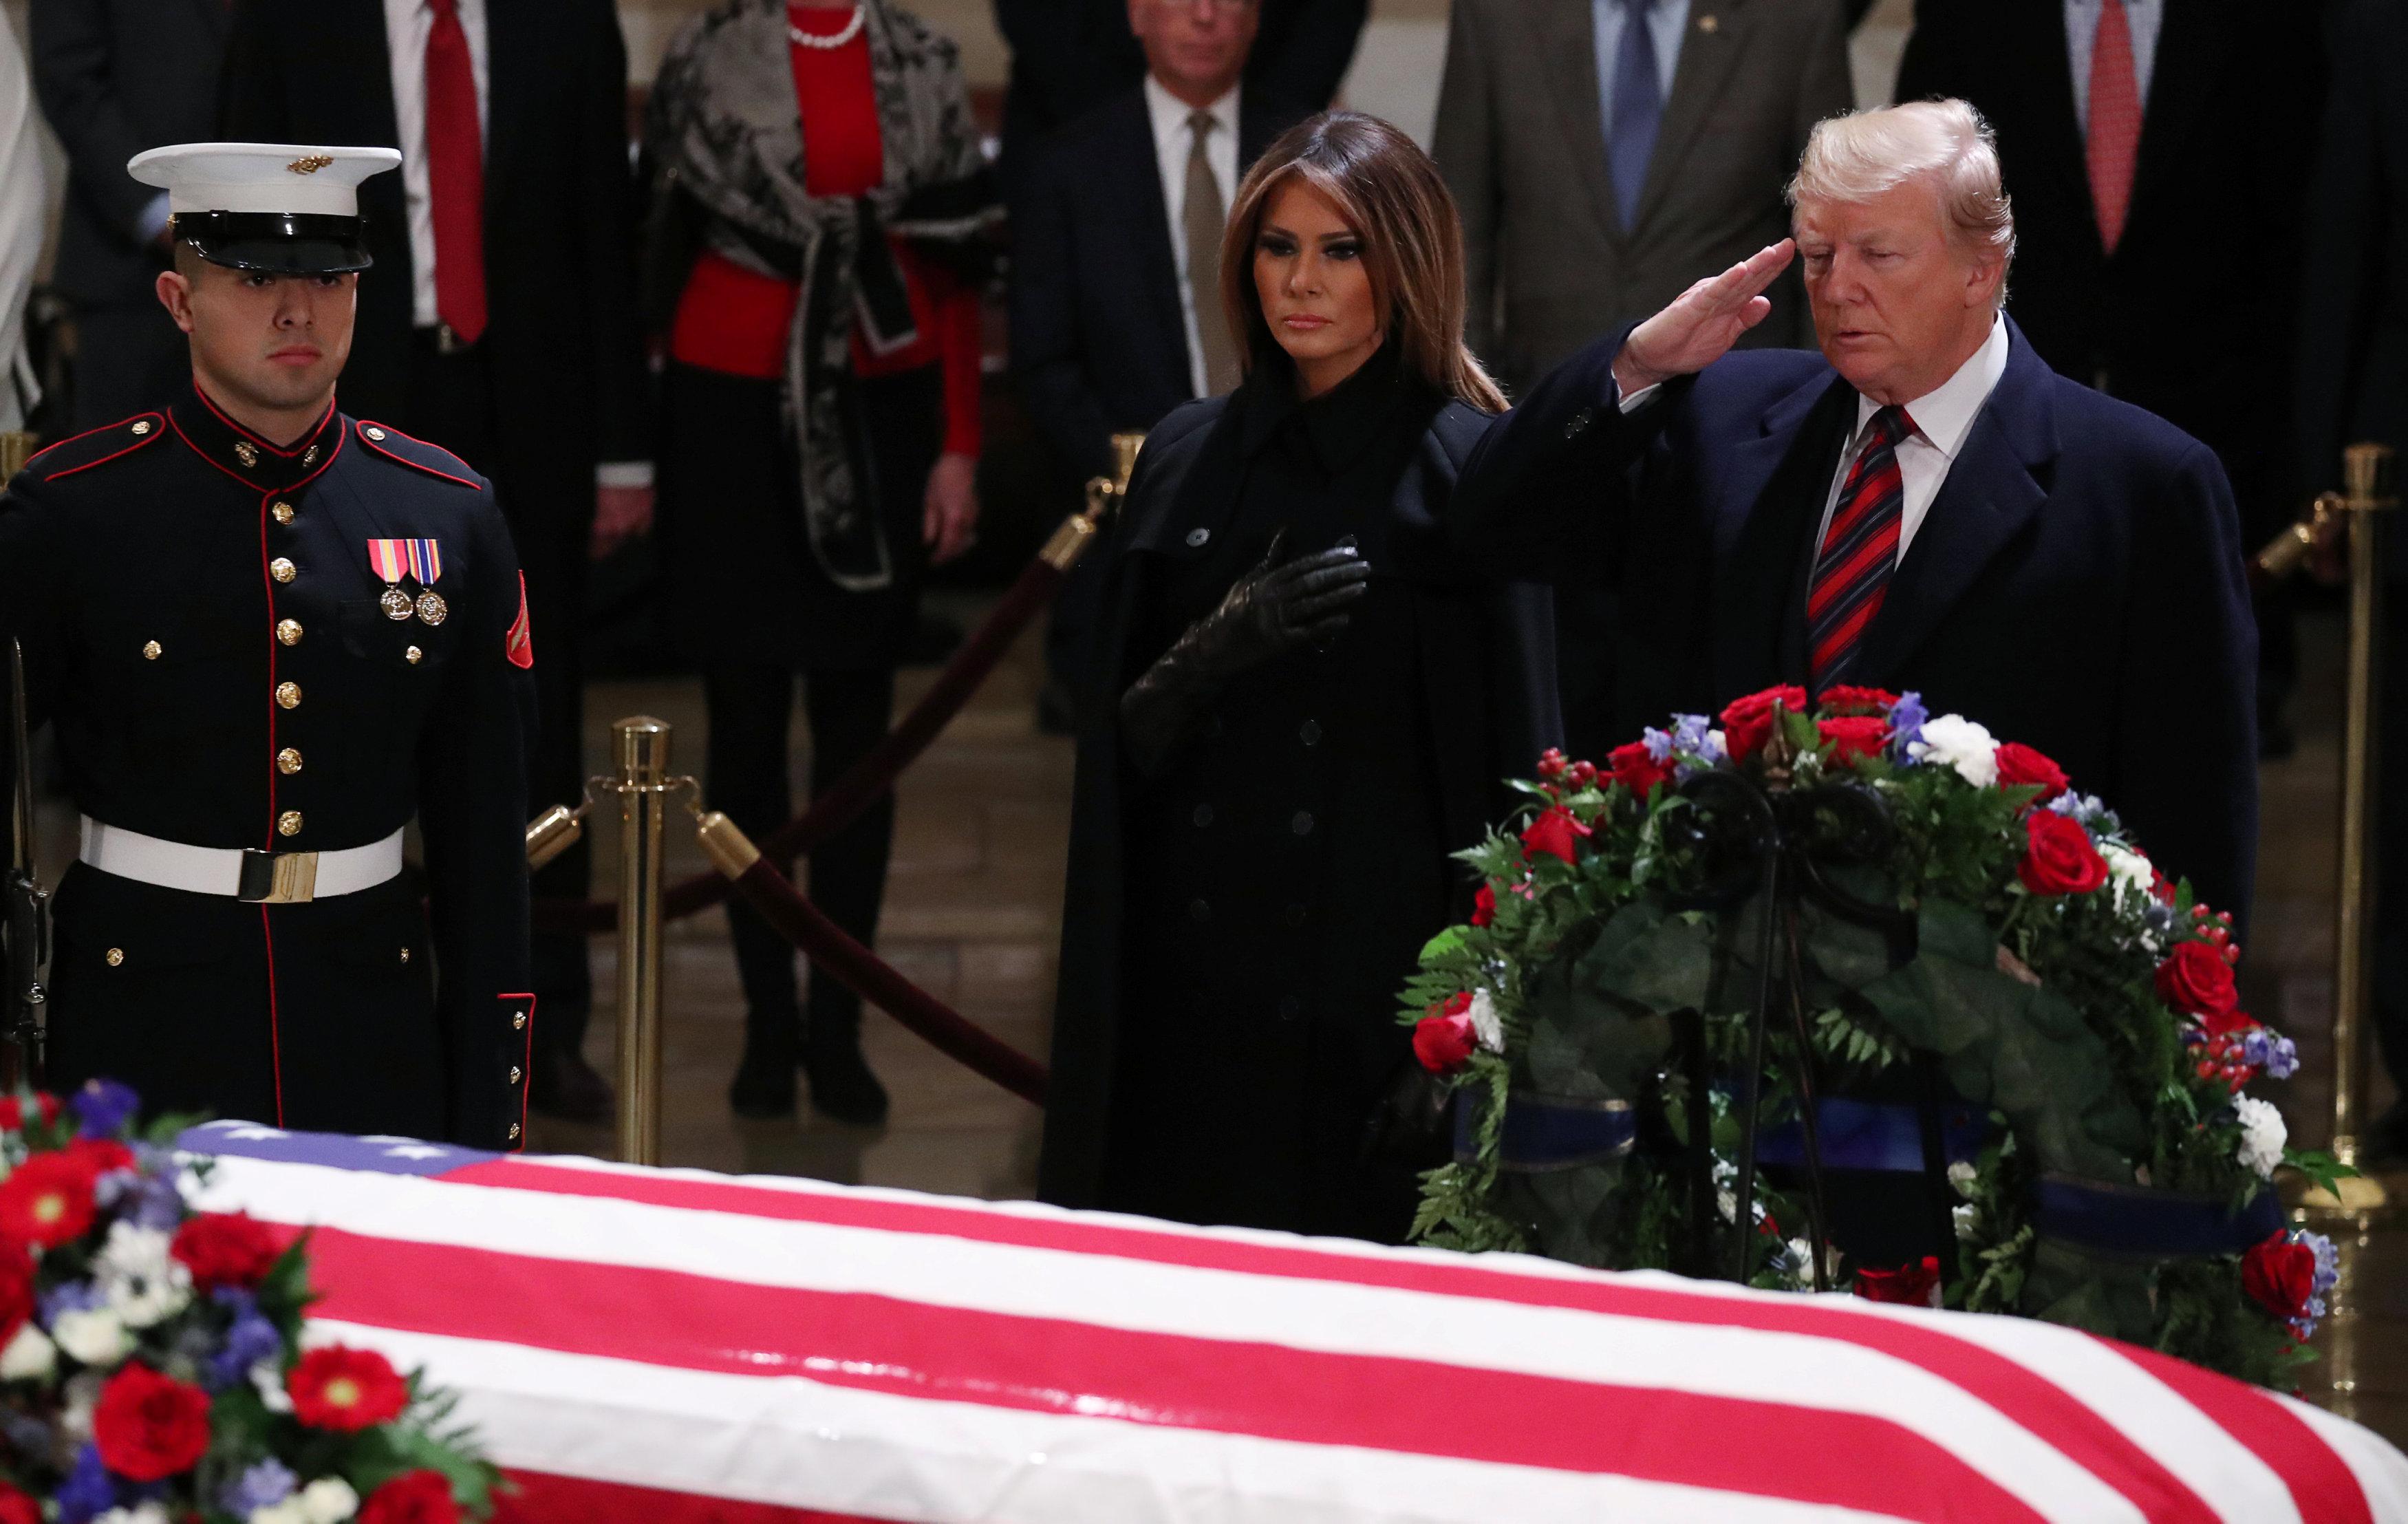 ترامب وميلانيا يقدمان التحية لنعش جورج بوش الأب بالكونجرس